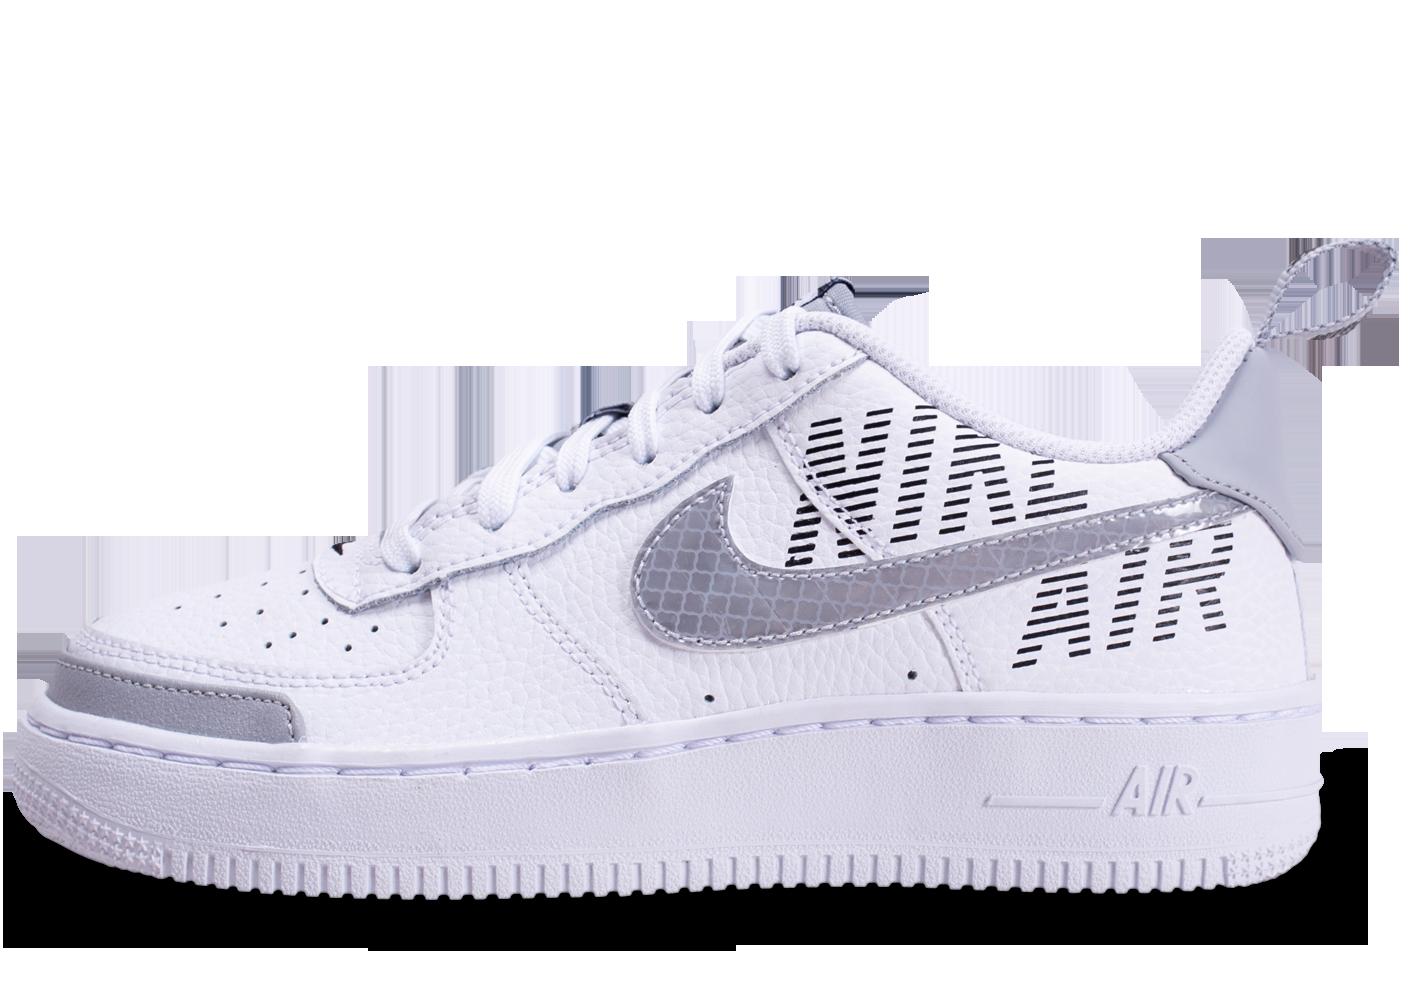 air force 1 femme grise et blanche